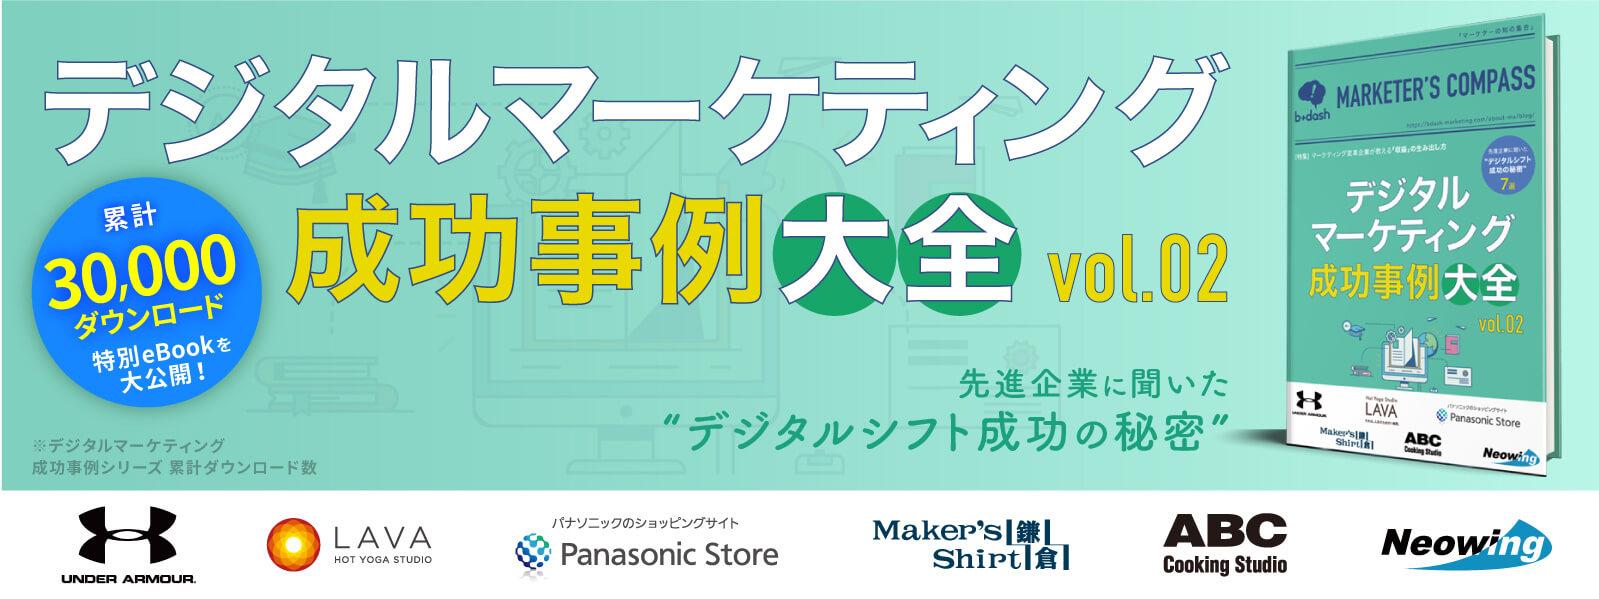 デジタルマーケティング<br /> 成功事例大全 Vol.2